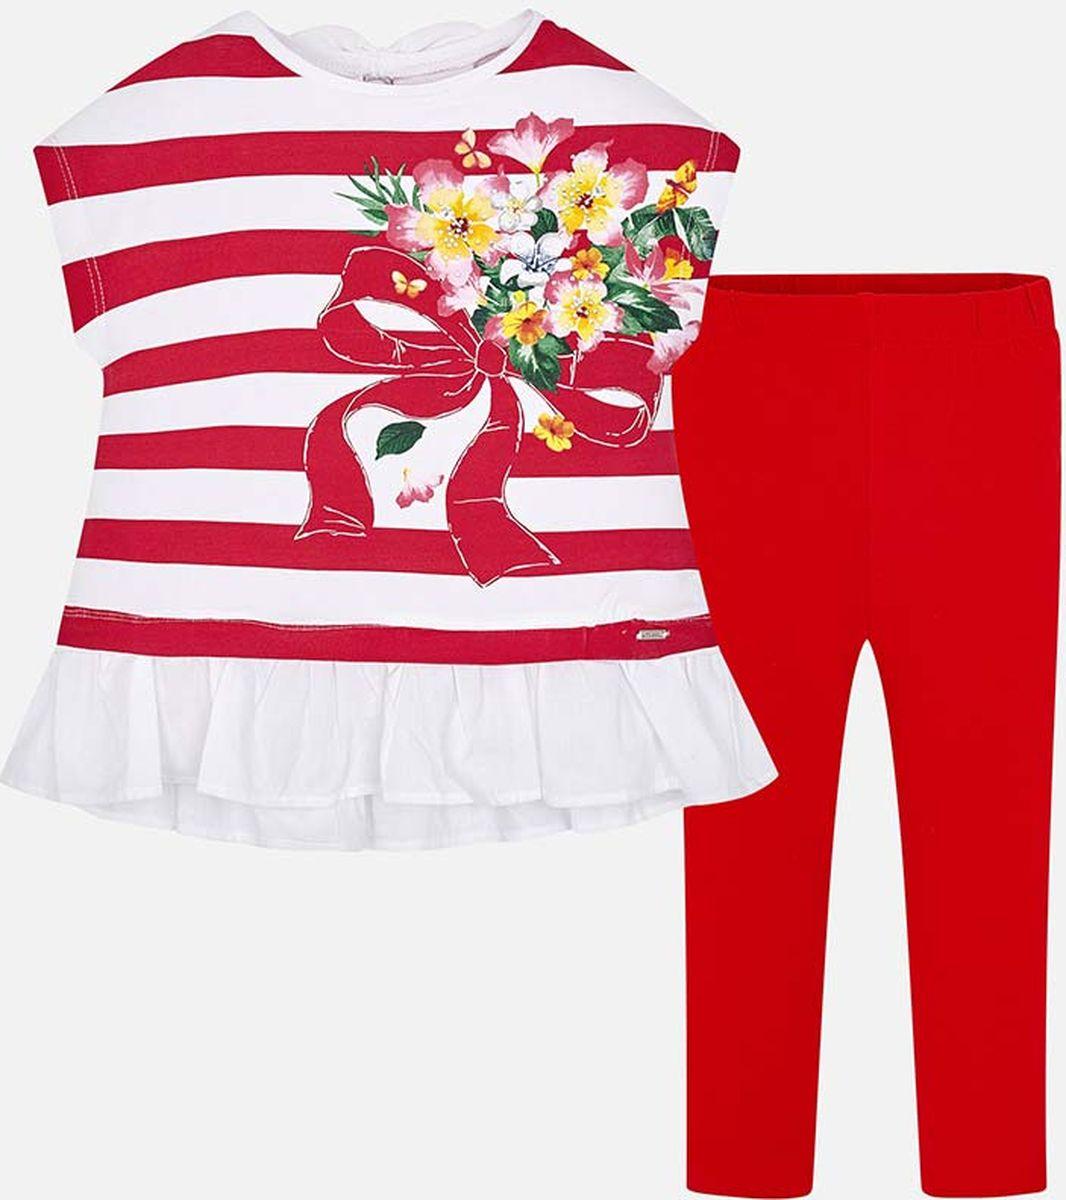 Пуловер для девочки Mayoral, цвет: красный. 3704-24-6J. Размер 128, 8 лет3704-24-6J